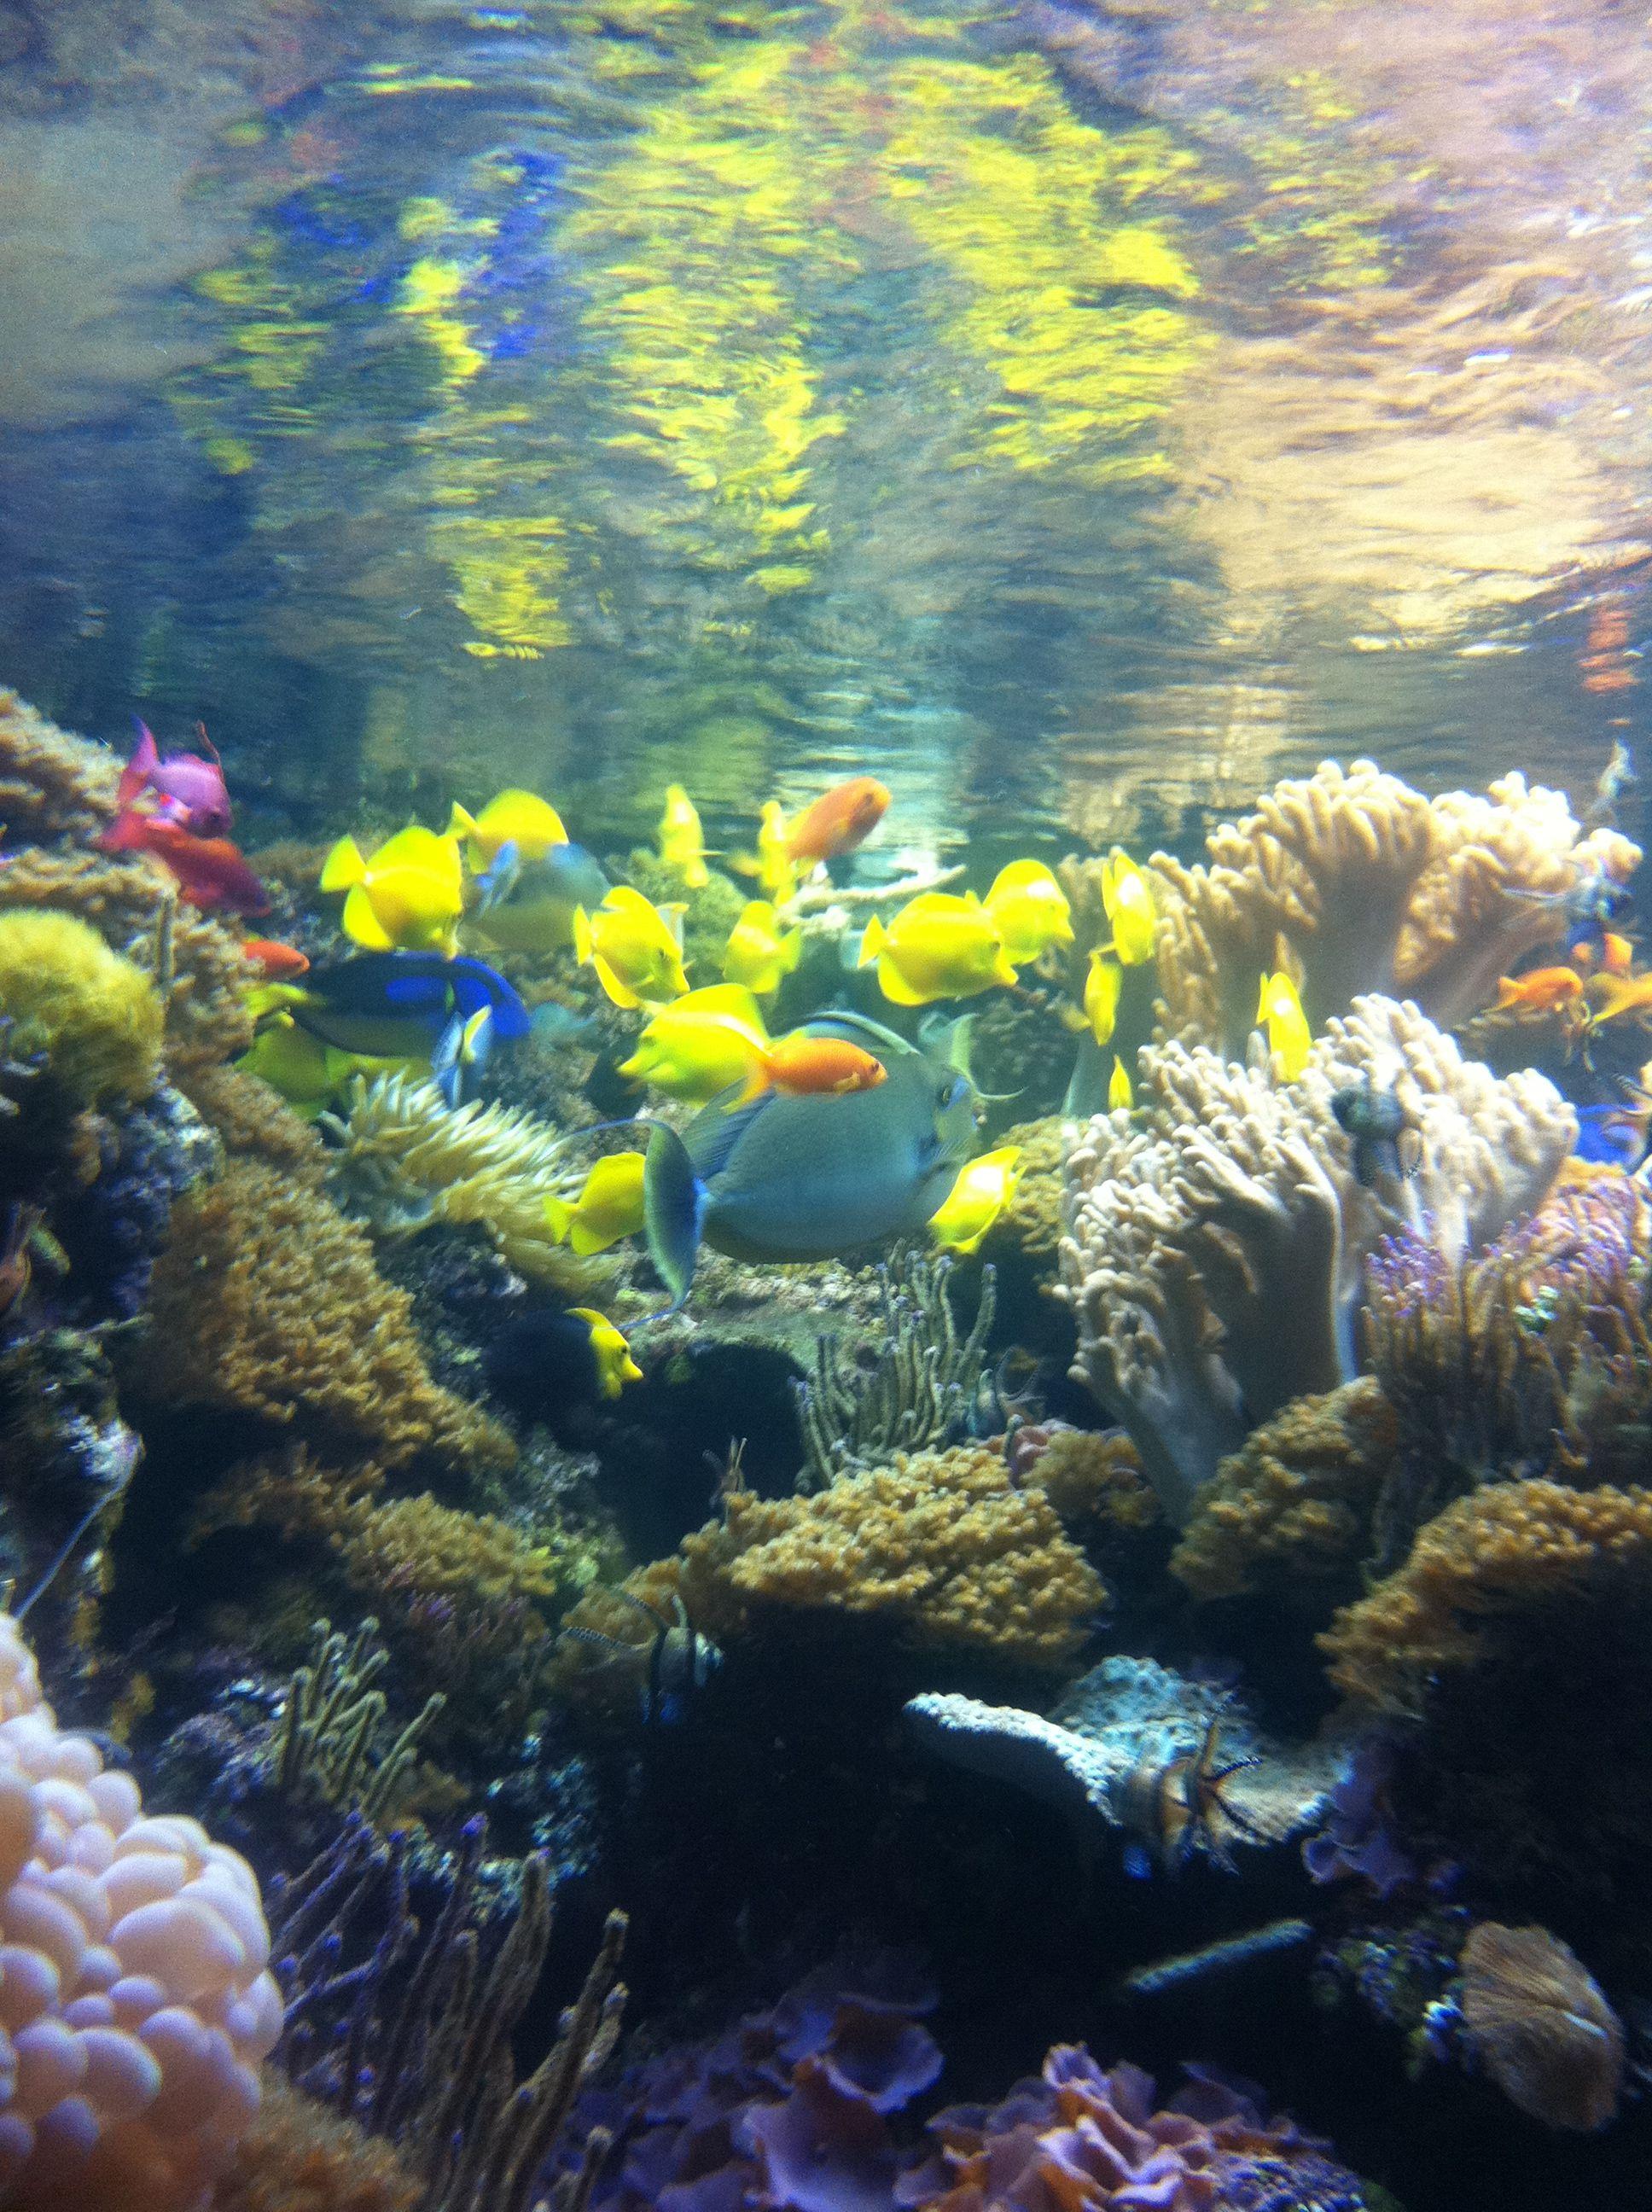 National aquarium in baltimore baltimore pinterest Aquarium in baltimore